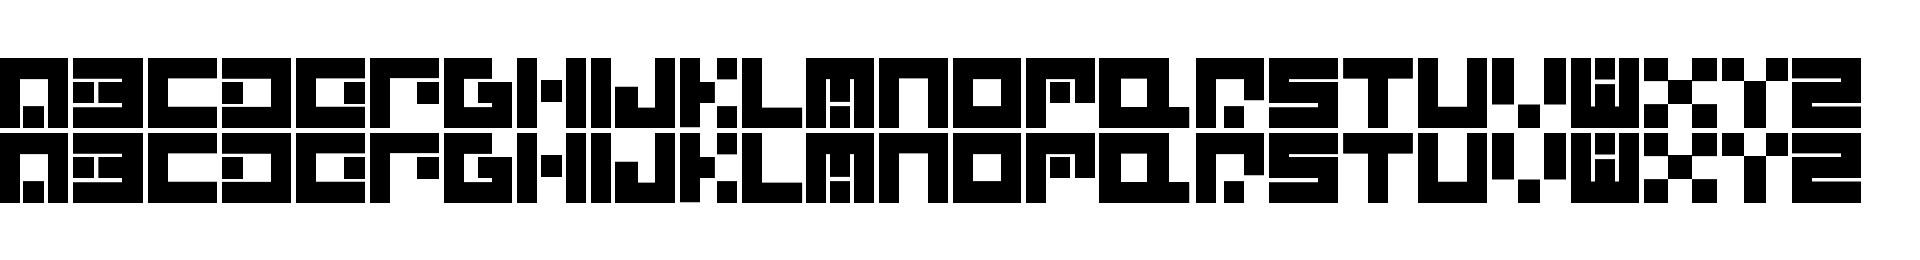 Alpha Quantum Glyphset